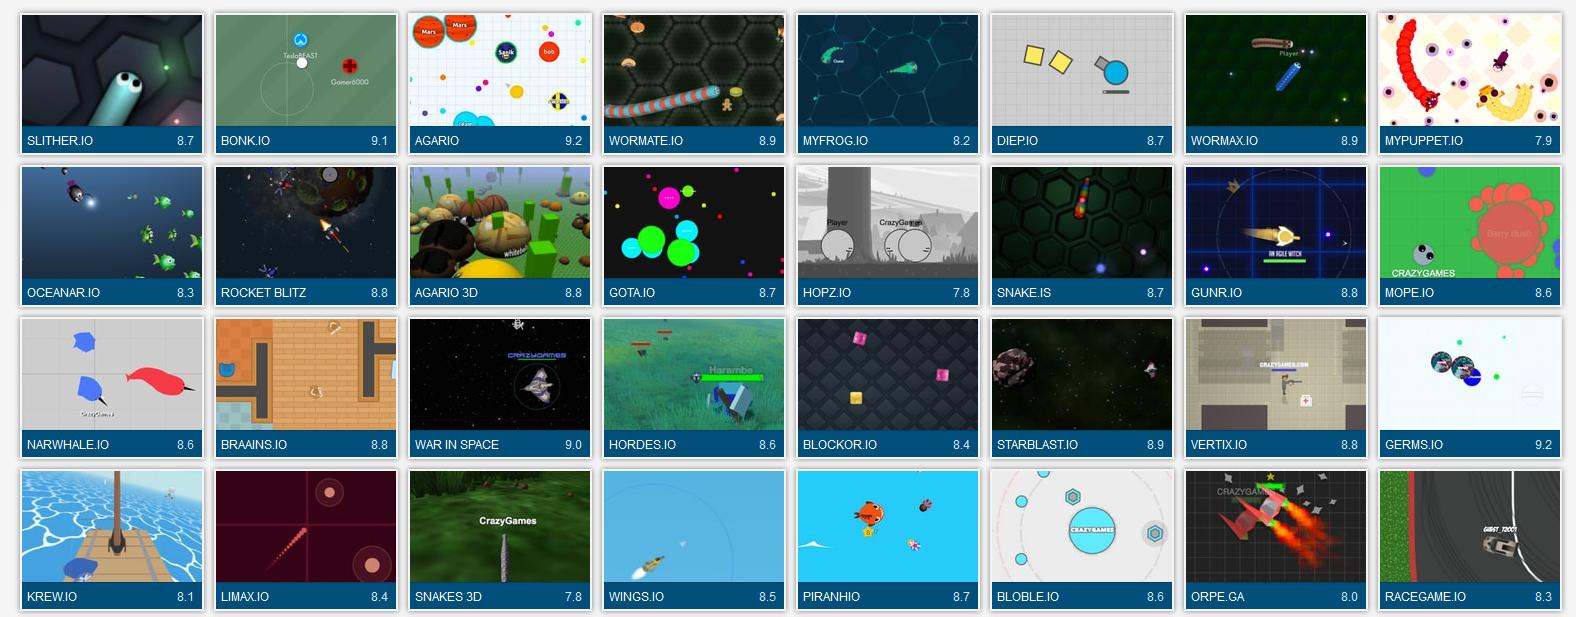 Marketing HTML5 Games in the Next Gen